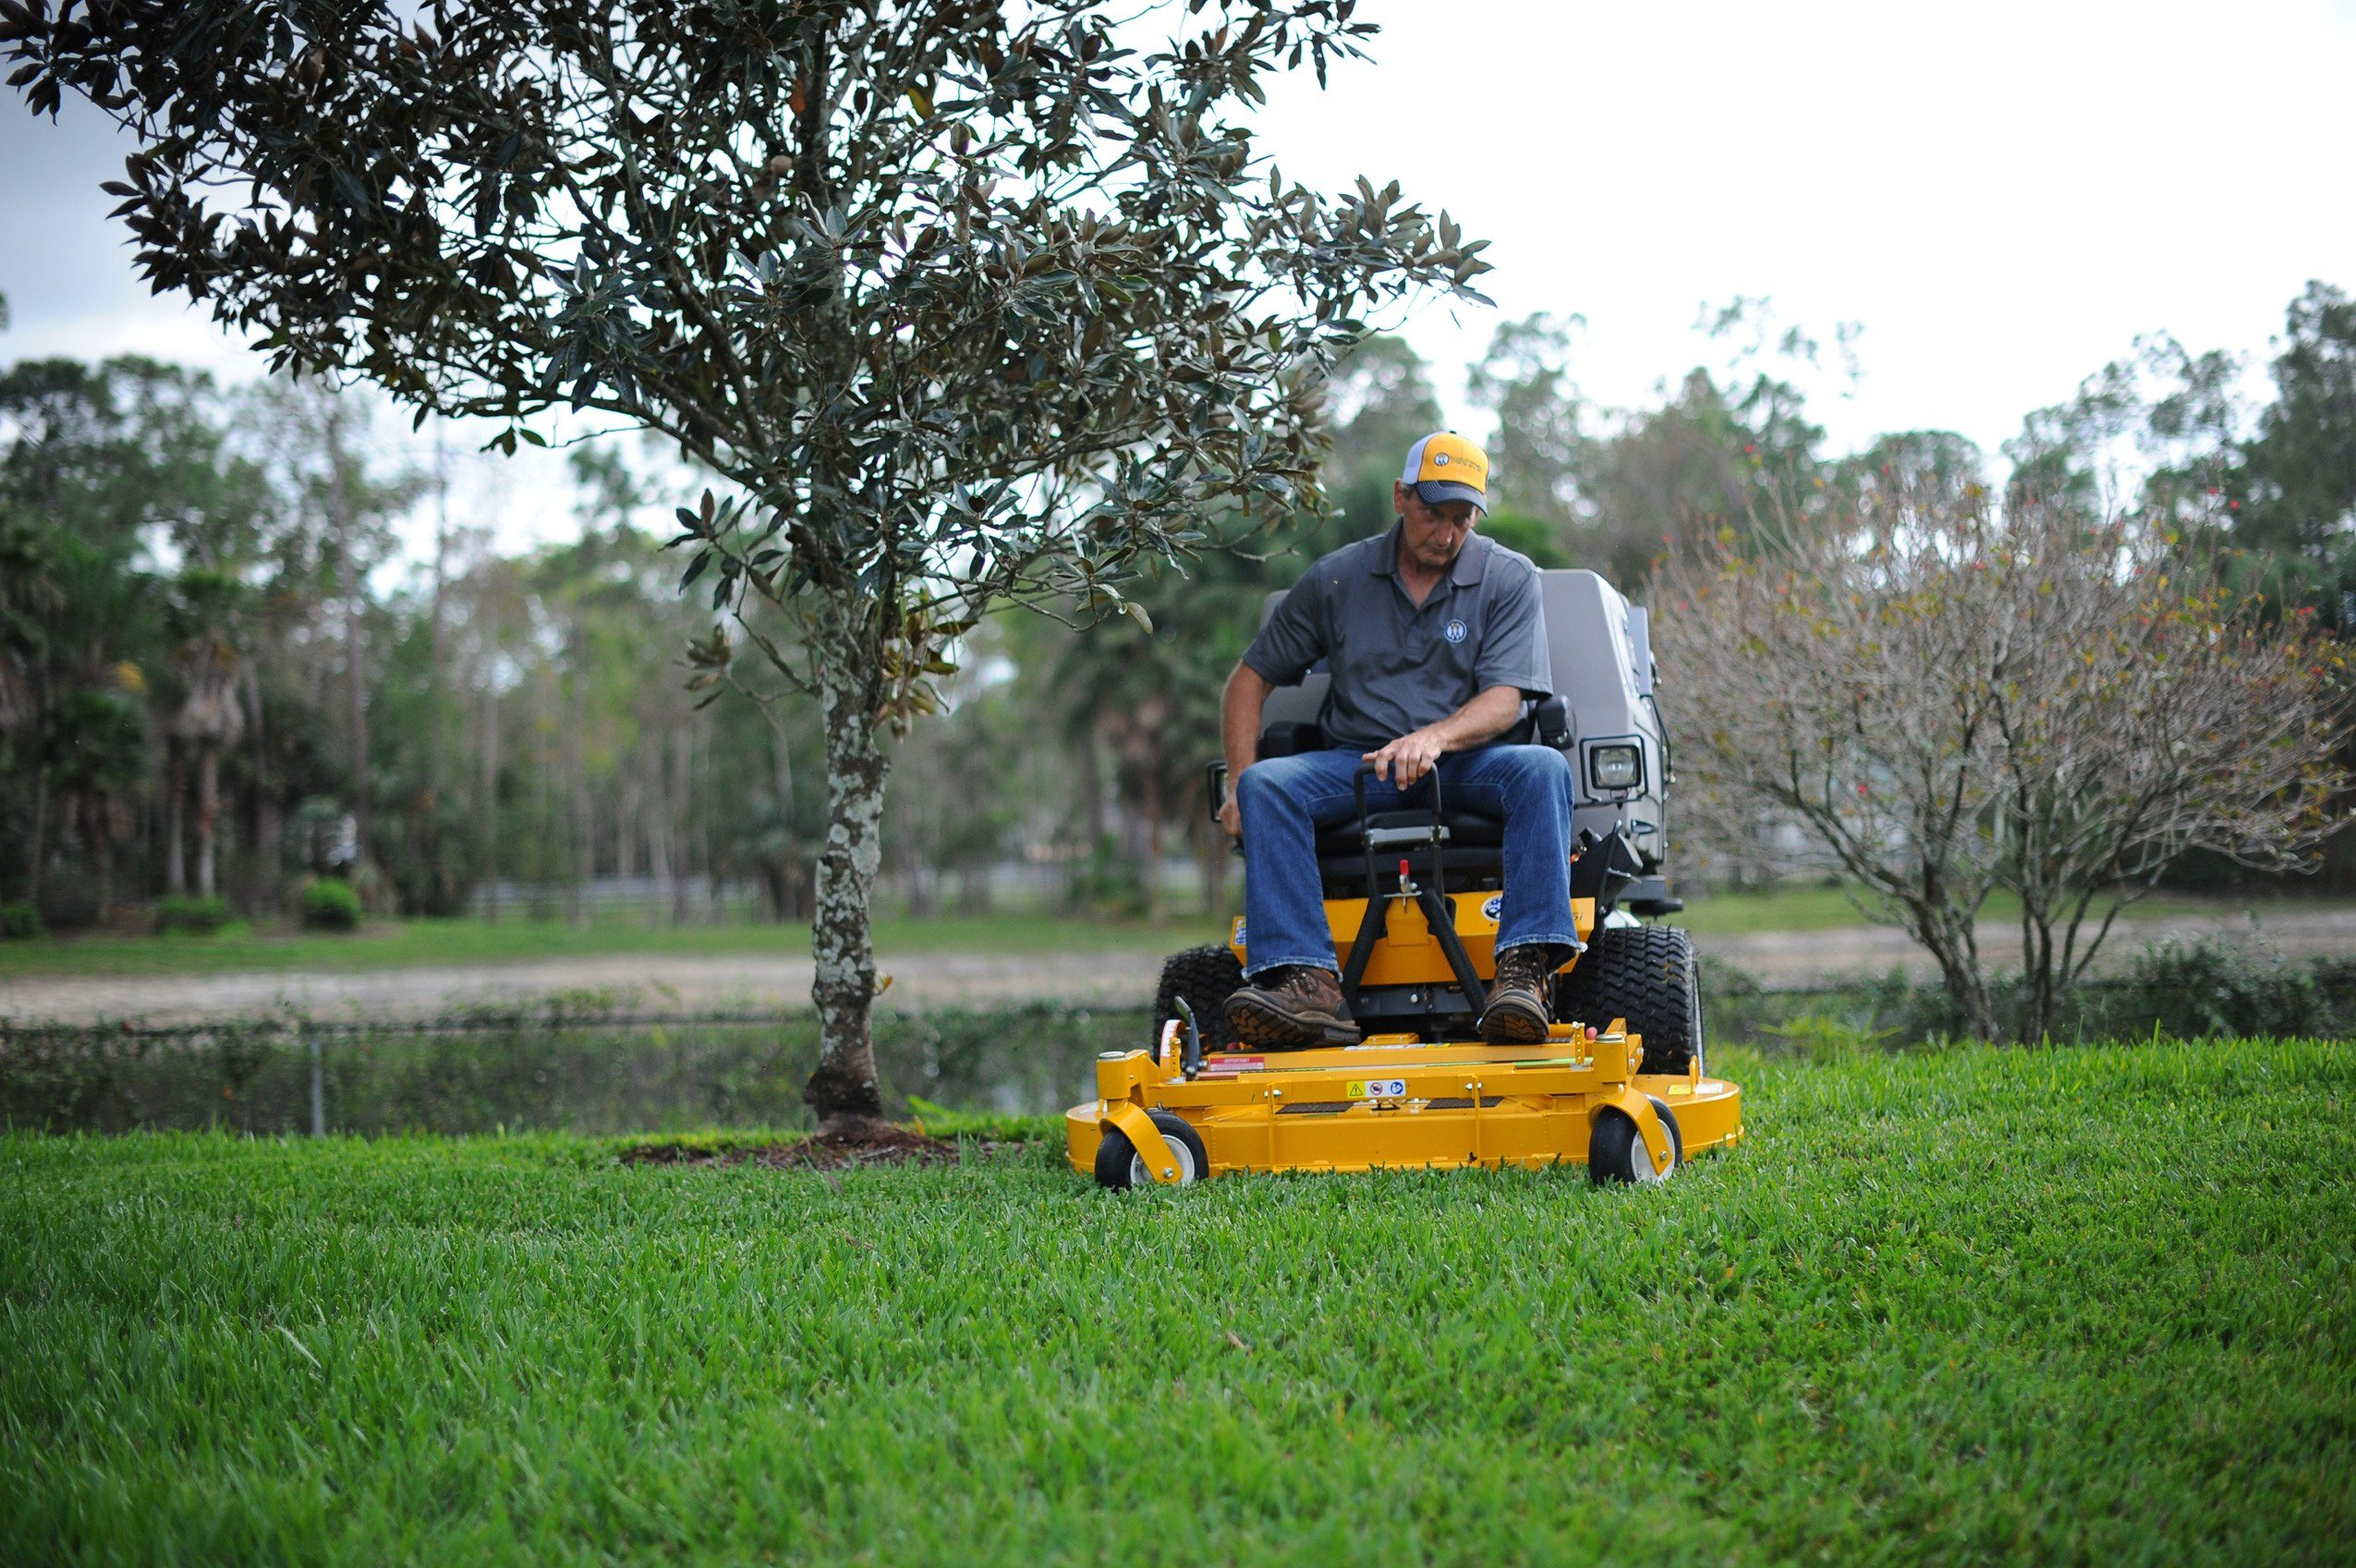 New 2016 Walker Mowers T30i Lawn Mowers in Port Angeles, WA